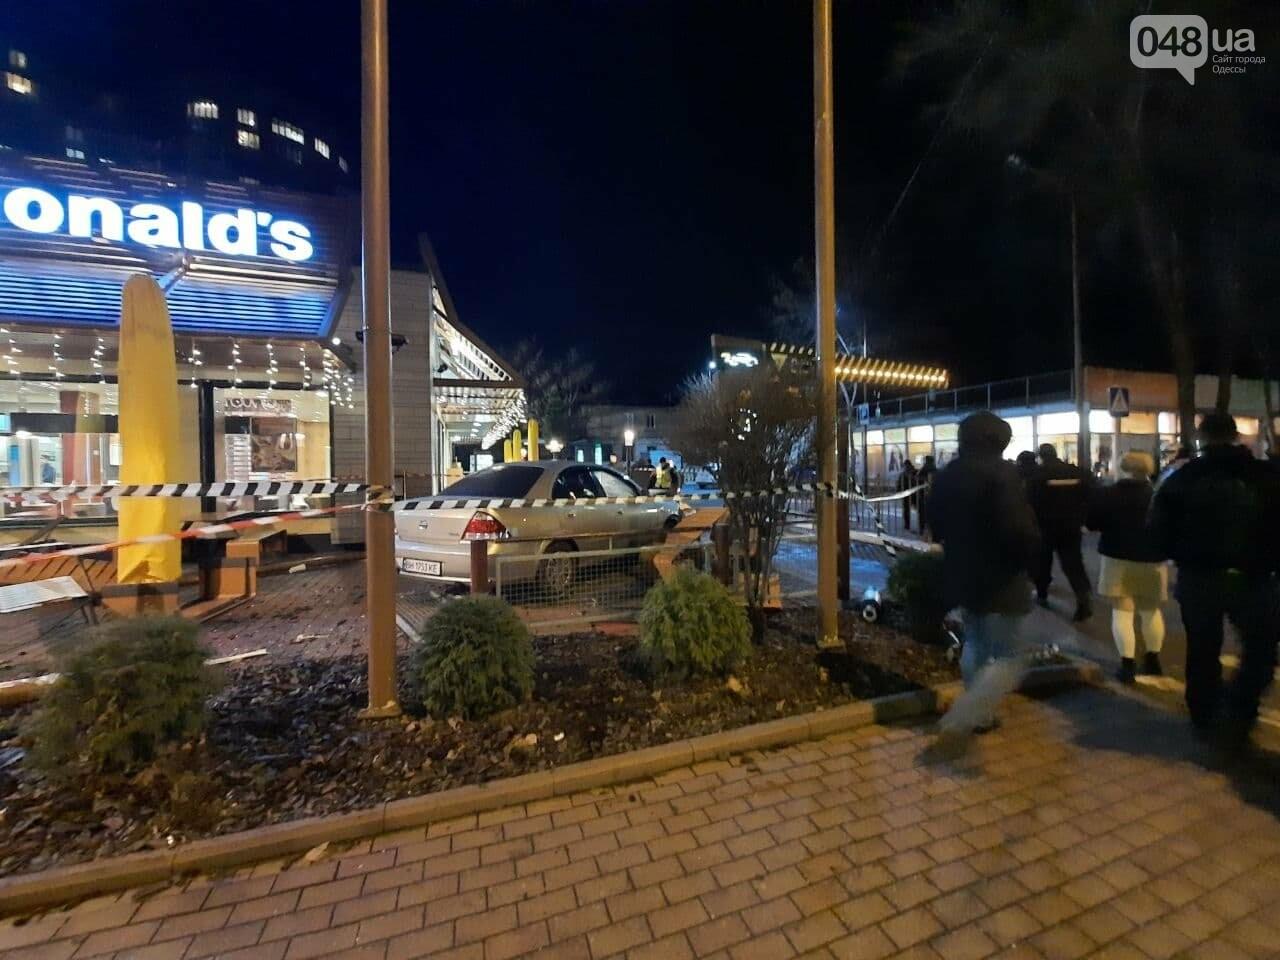 Стало плохо за рулём: в полиции прокомментировали резонансное ДТП в Одессе, - ФОТО, ВИДЕО, фото-5